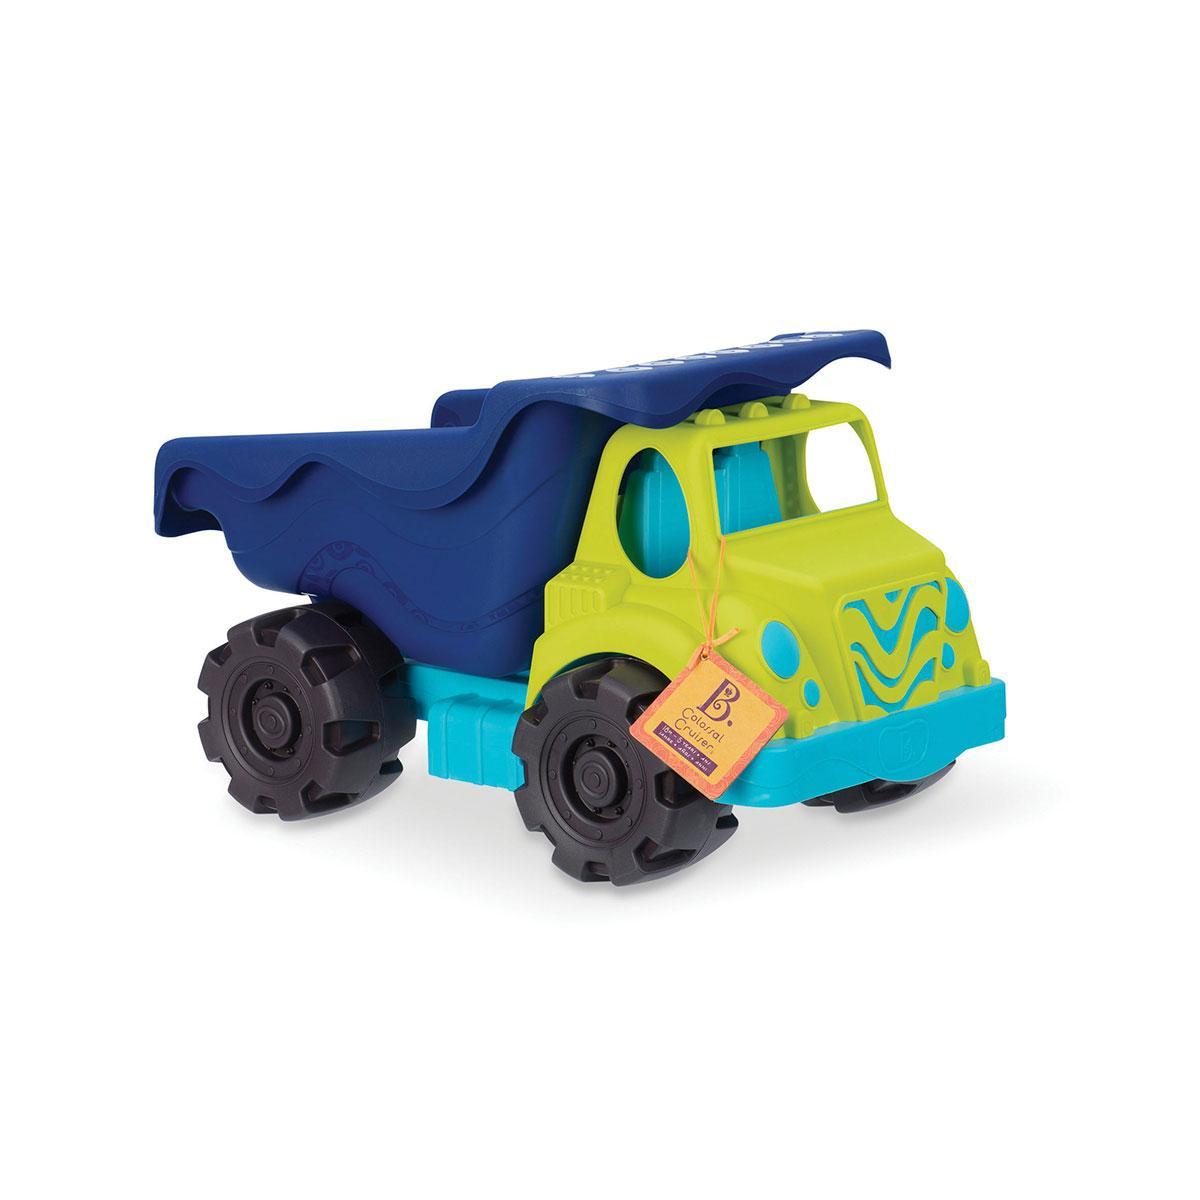 Battat Summery Игрушка для игры с песком Мегасамосвал, BX1429Z